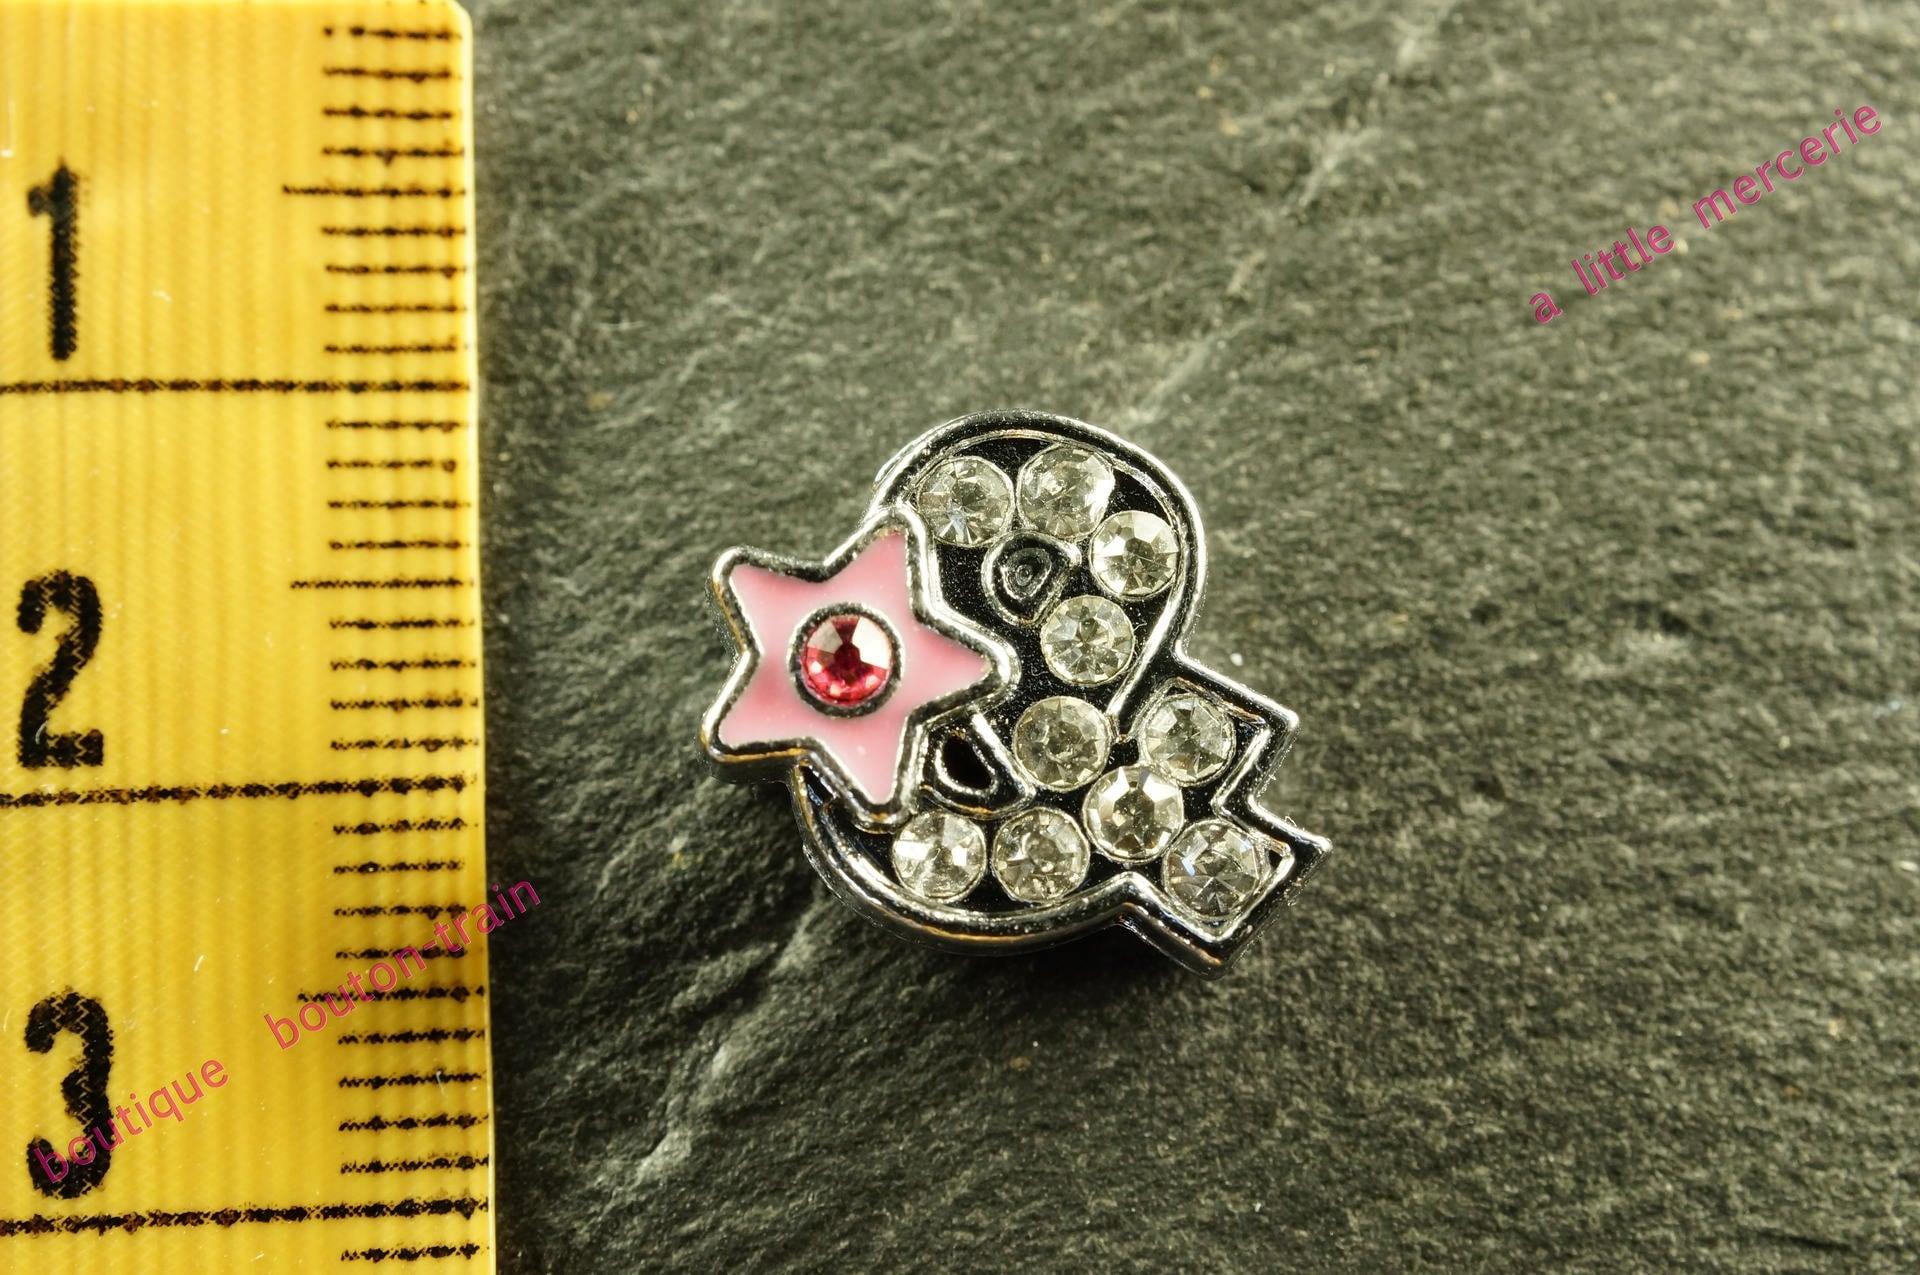 perle & passante passante passante étoile strass lettre symbole pour bracelet d228c0